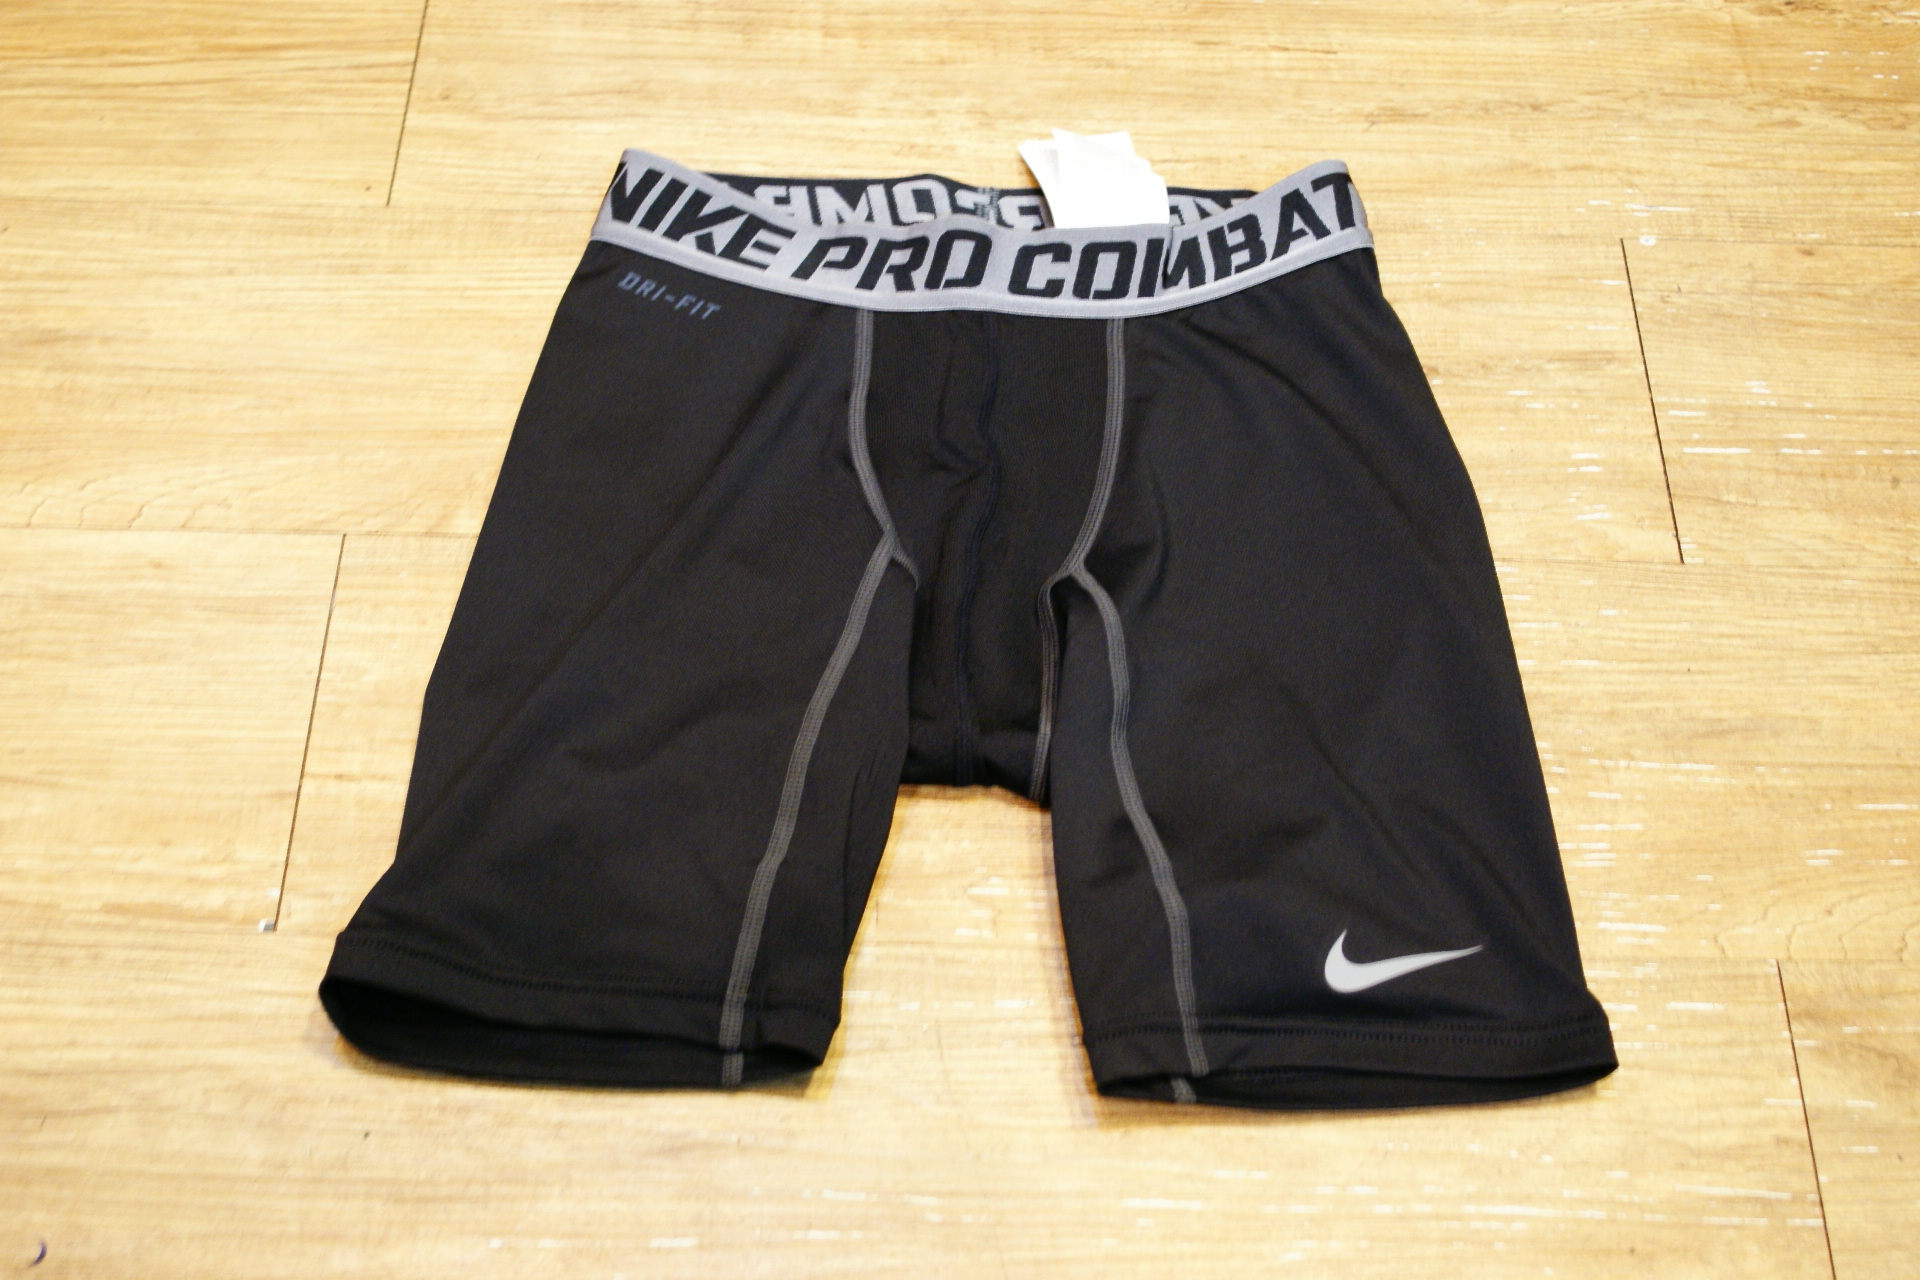 棒球世界 全新 NIKE PRO COMBAT 緊身短褲 特價 黑色